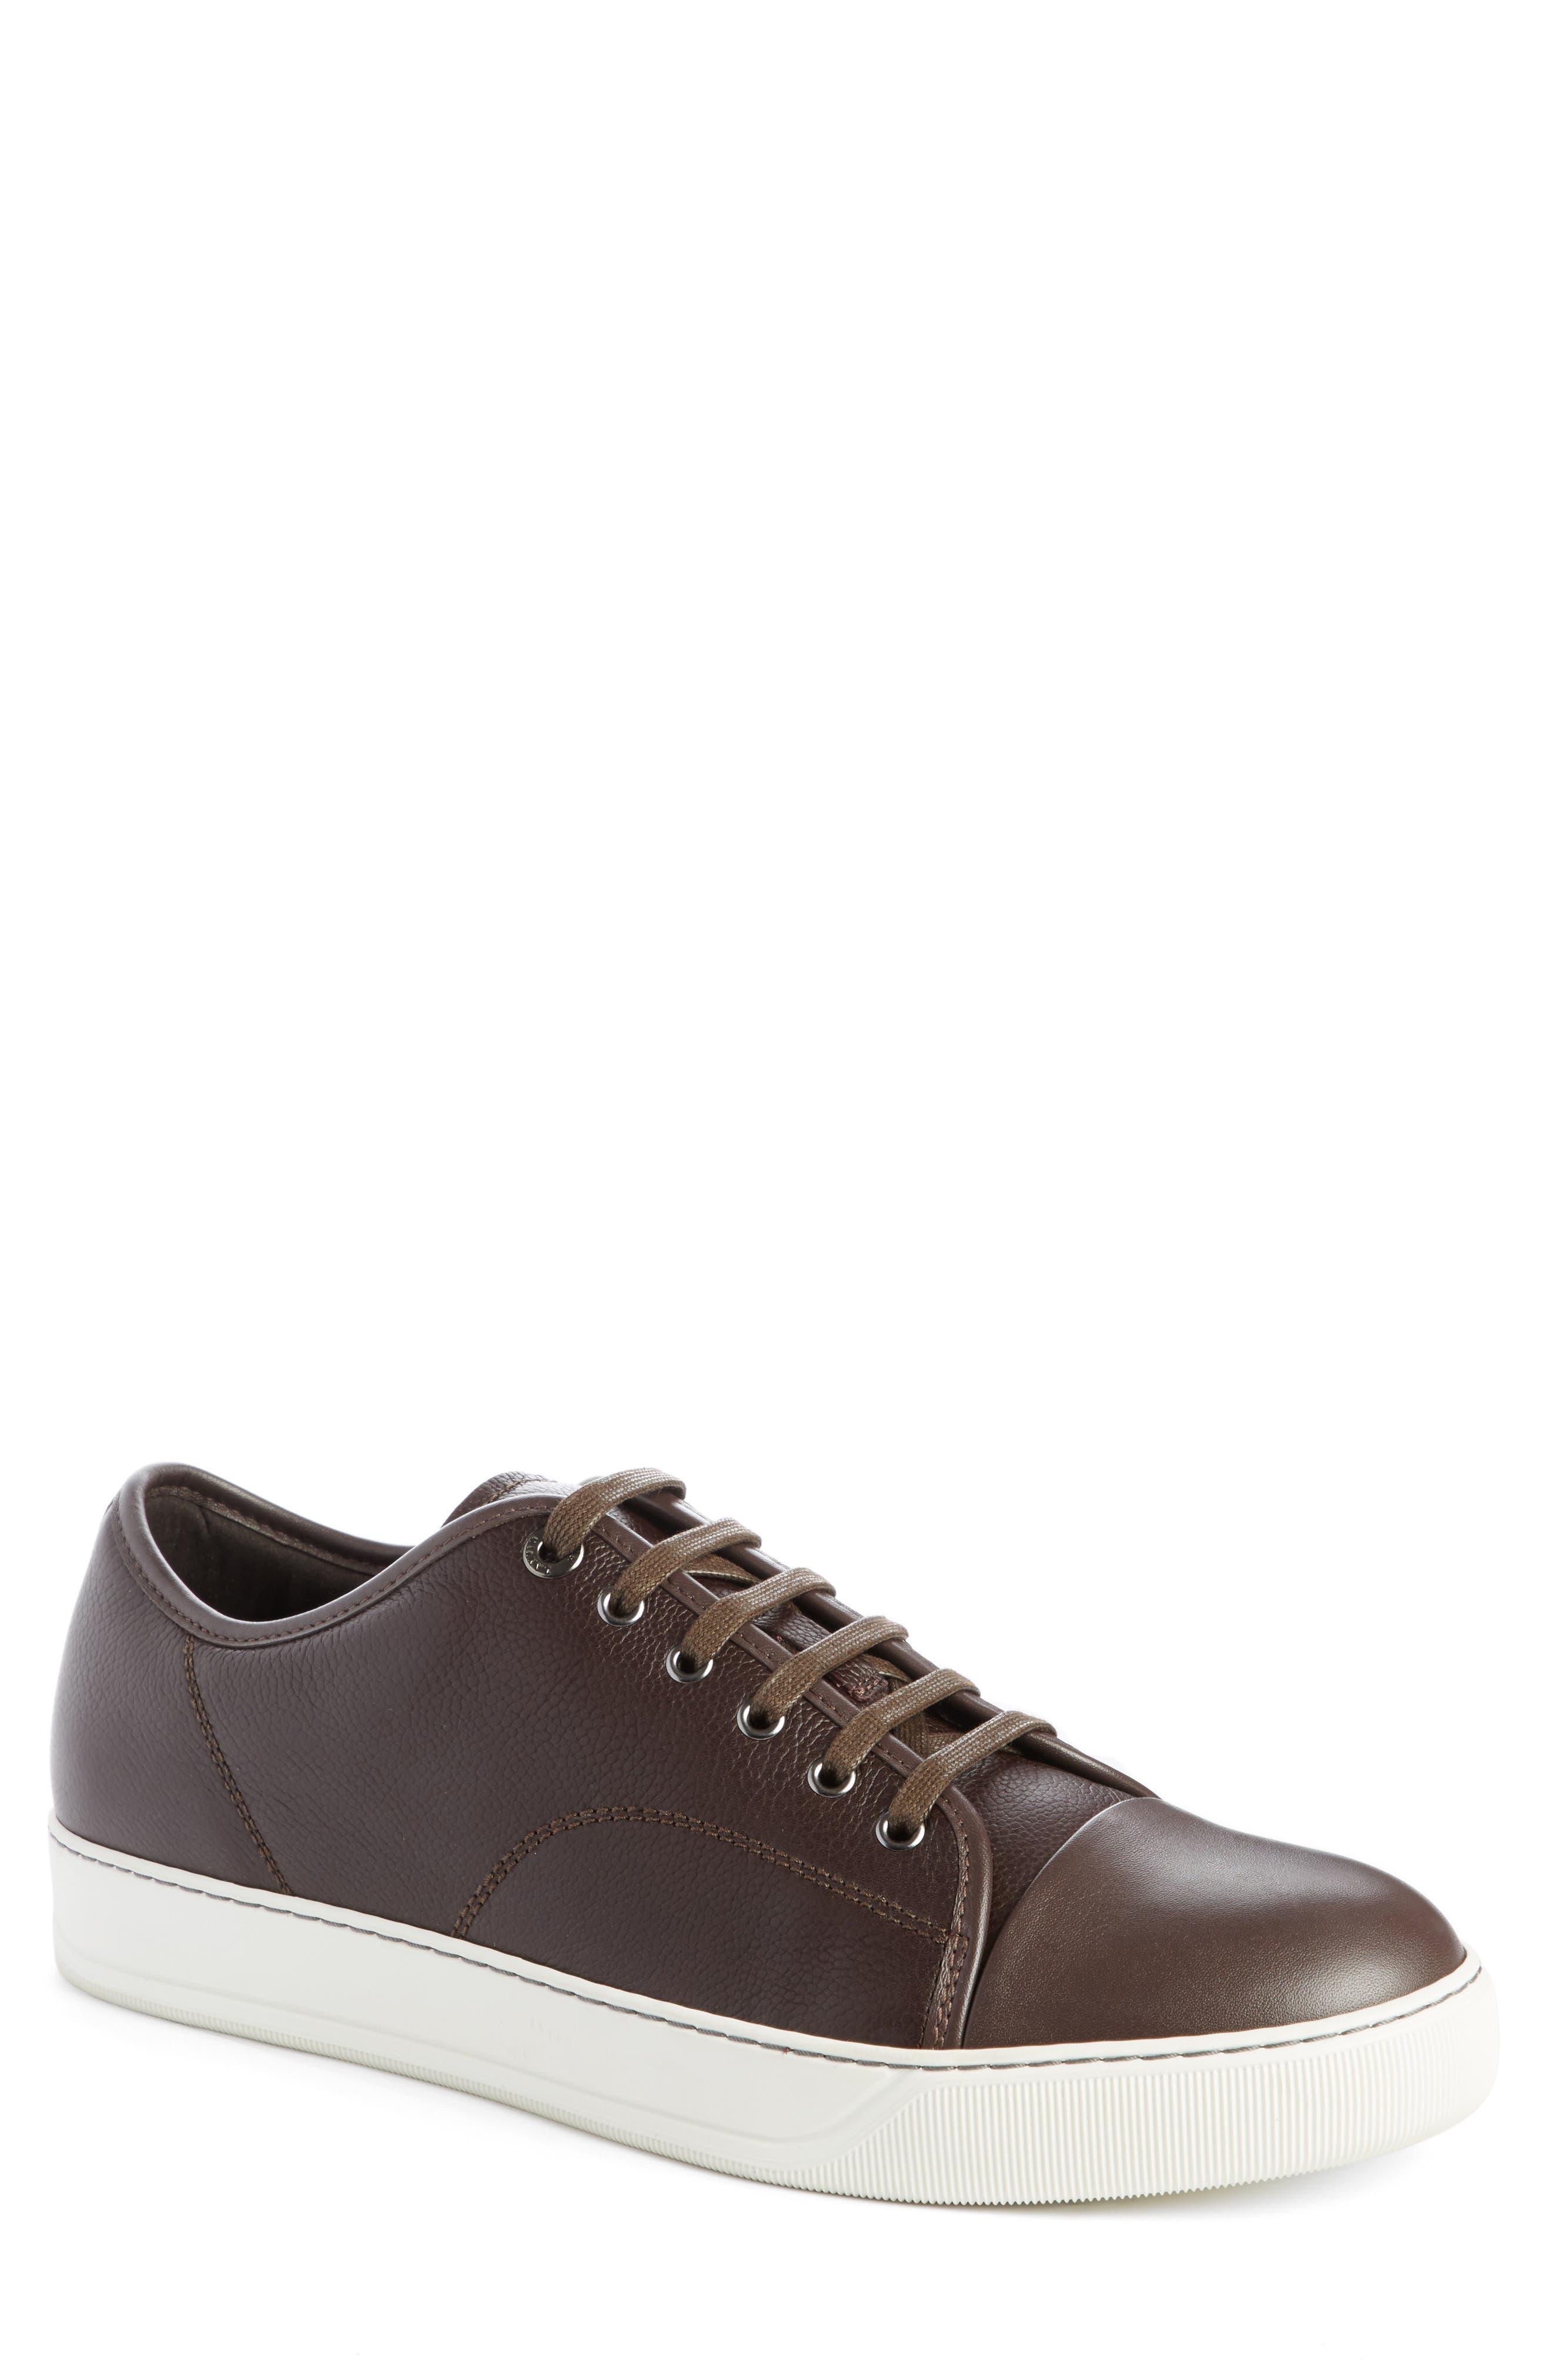 Main Image - Lanvin Shiny Cap Toe Sneaker (Men)